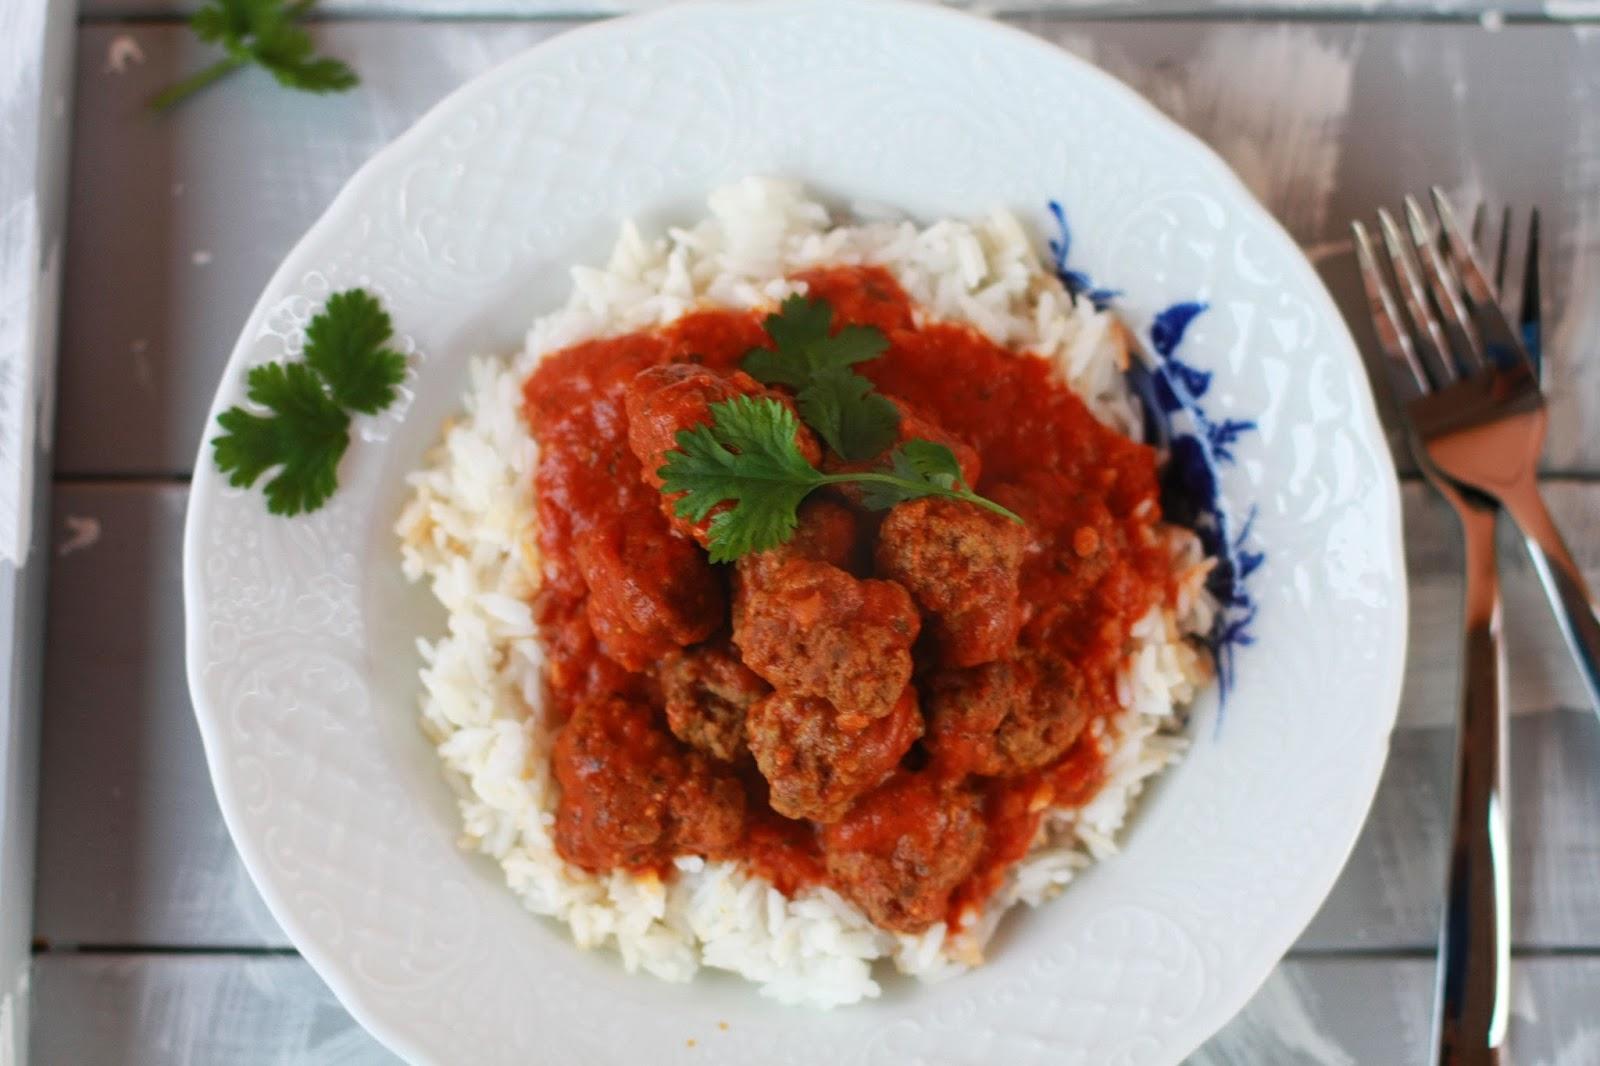 intialaiset lihapullat linssi-kookoskastikkeessa resepti ruoka mallaspulla